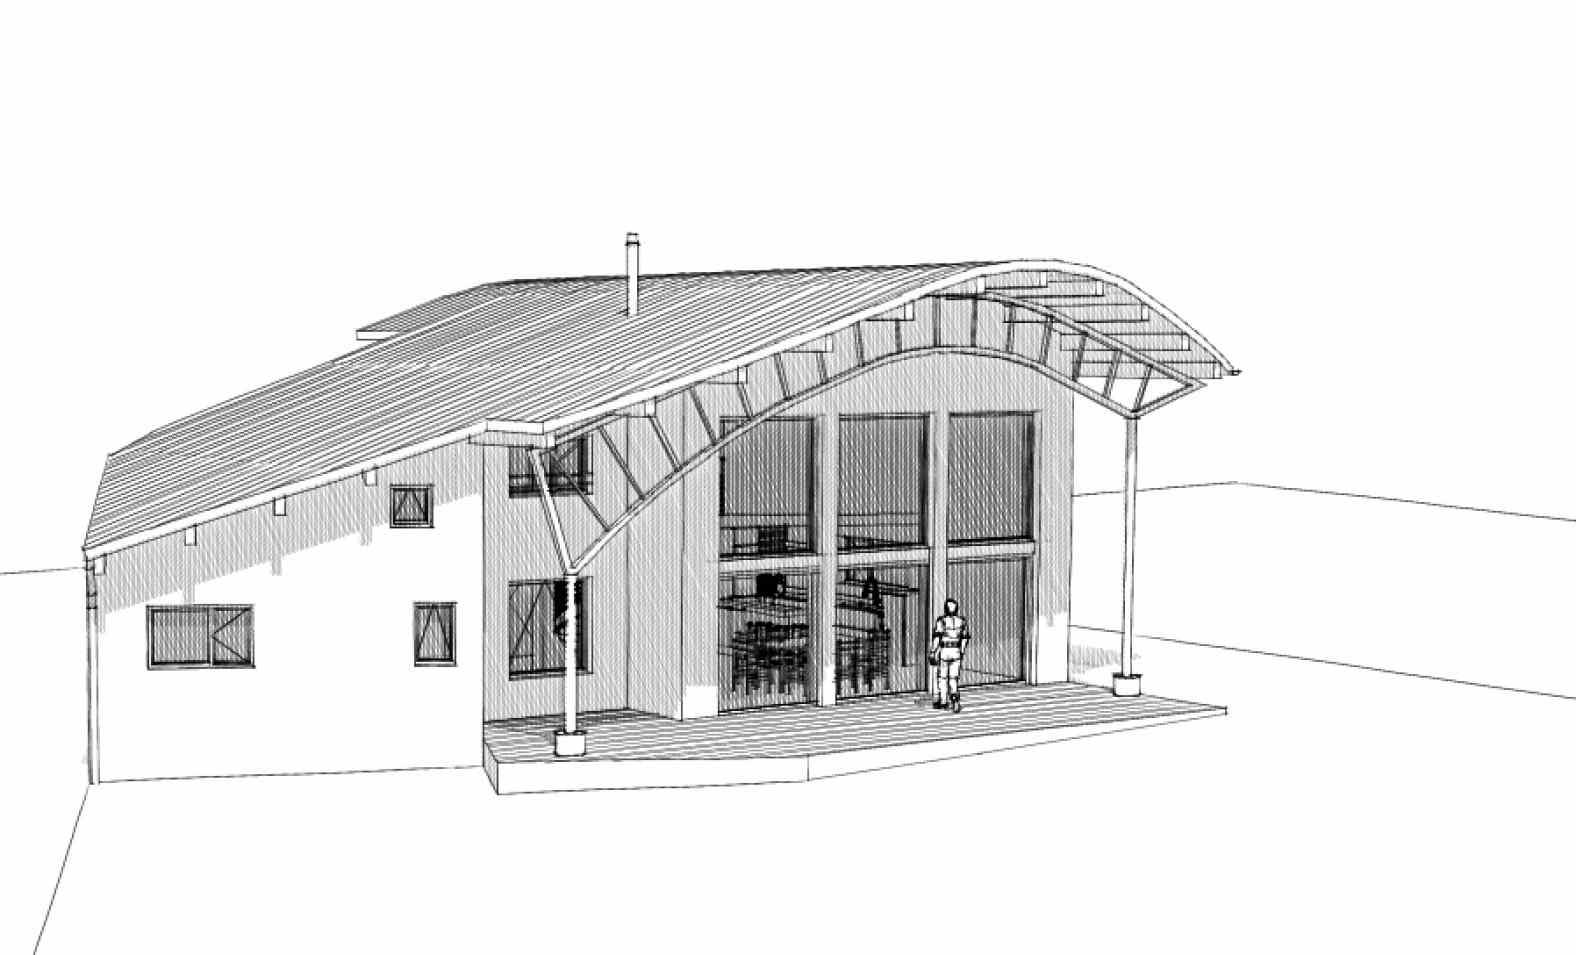 Il faut dessiner le débord de toiture pour qu'il projette son ombre sur la façade SUD le 21 juin à midi